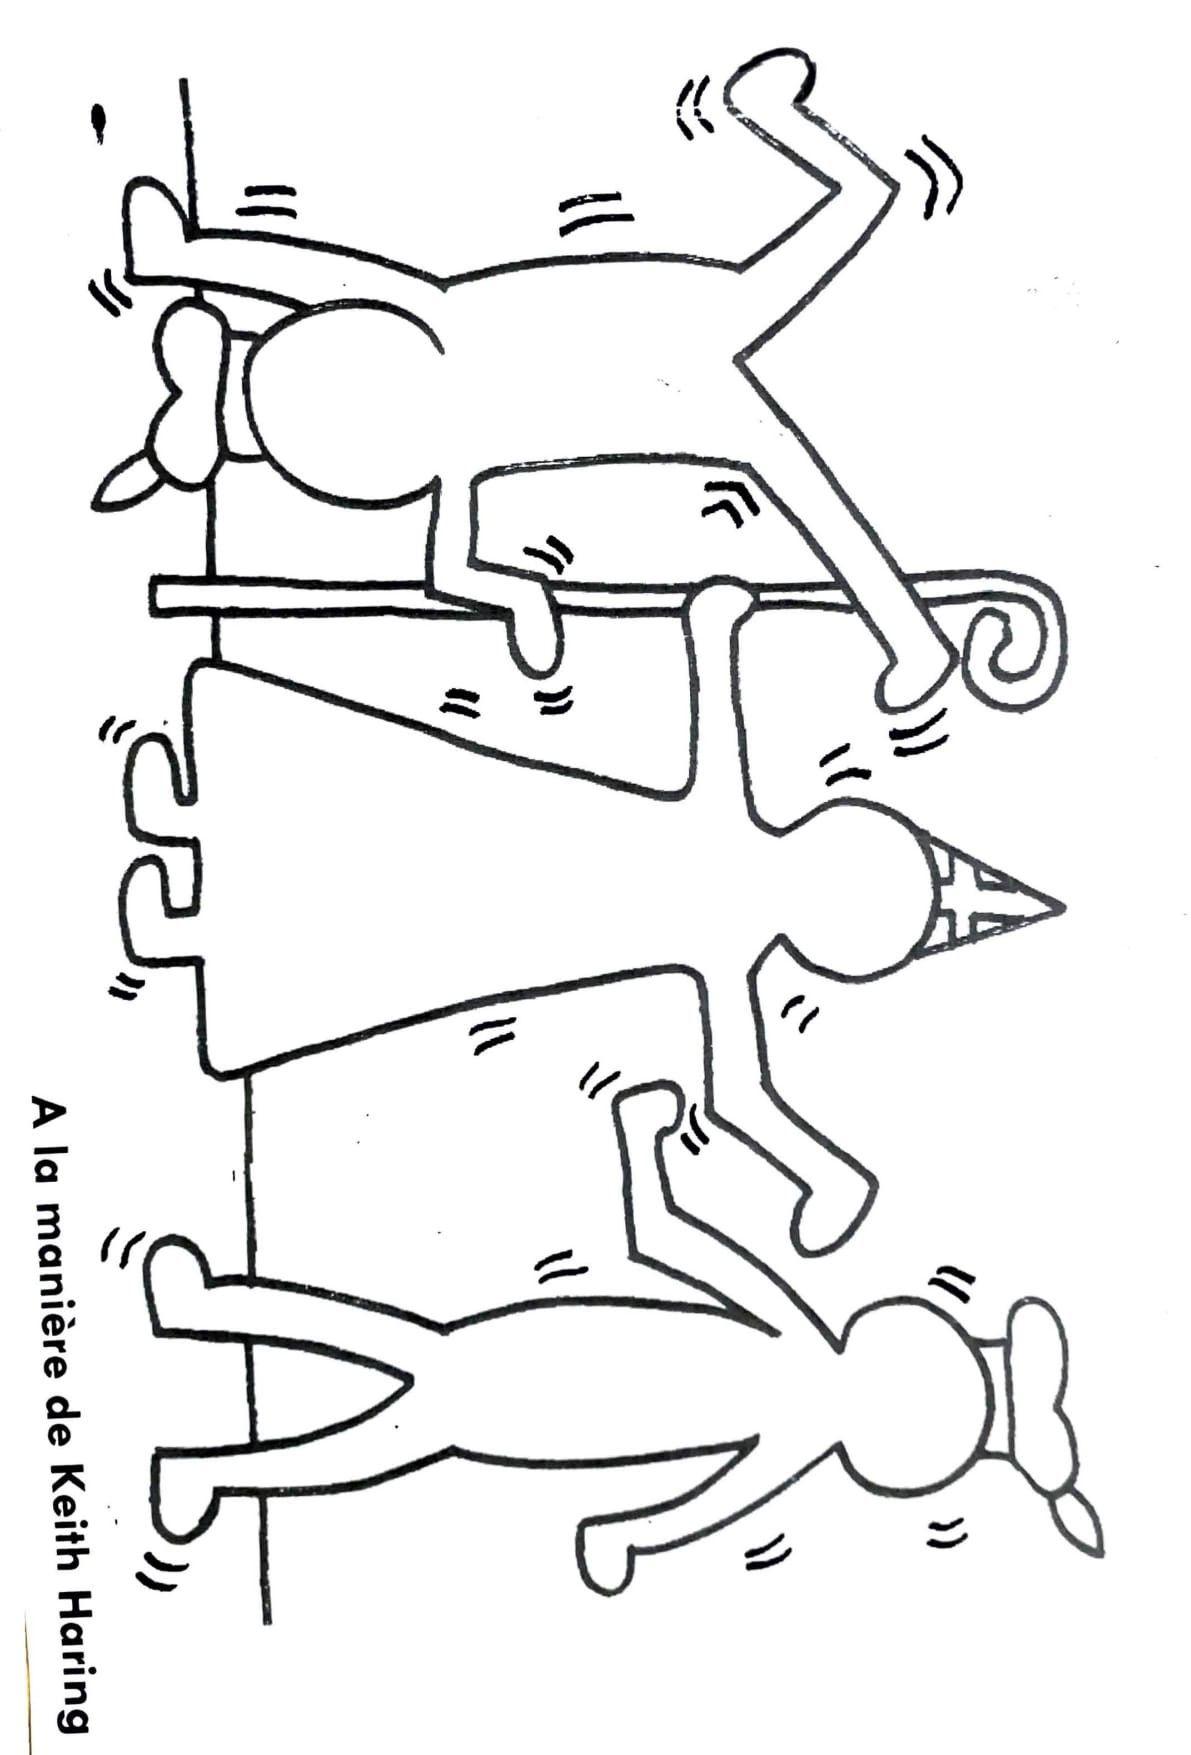 Saint Nicolas A La Maniere De Keith Haring Alamanierede Saintnicolas Sinterklaas Maternelle Knutsel Idee Sinterklaas Sinterklaas Knutselen Sinterklaas